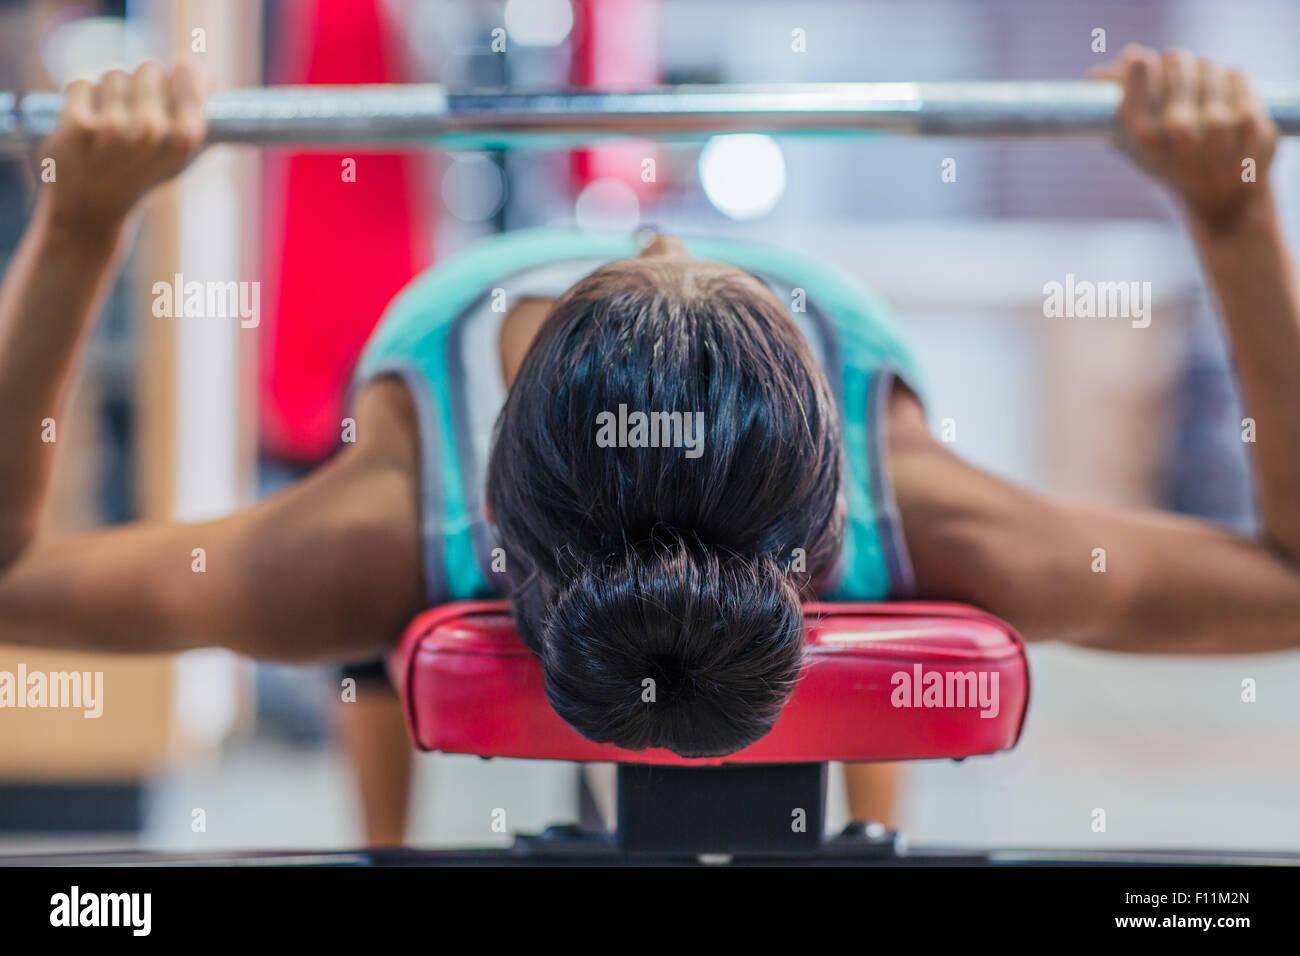 Giovane donna allenamento con barbell sul banco di lavoro in palestra per il fitness Immagini Stock